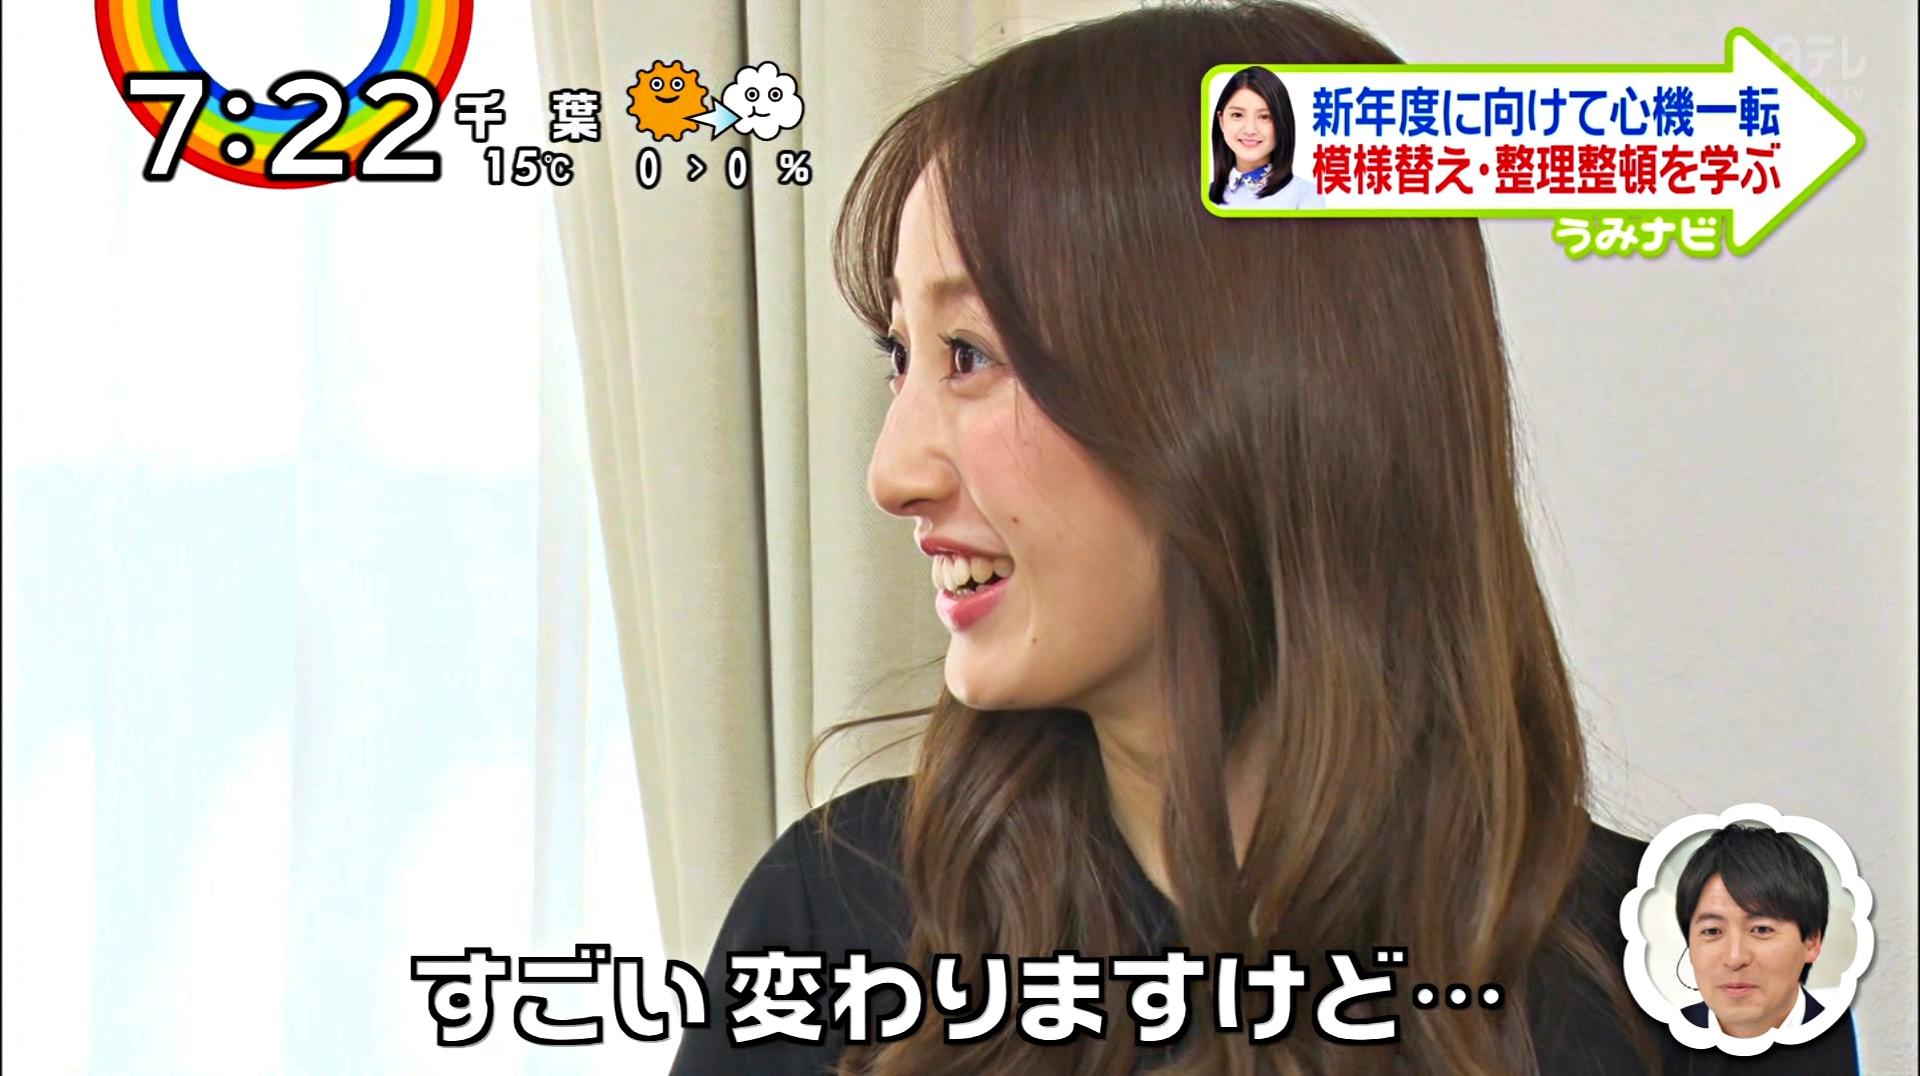 2019年3月15日のZIP!・團遥香さんのテレビキャプチャー画像-010